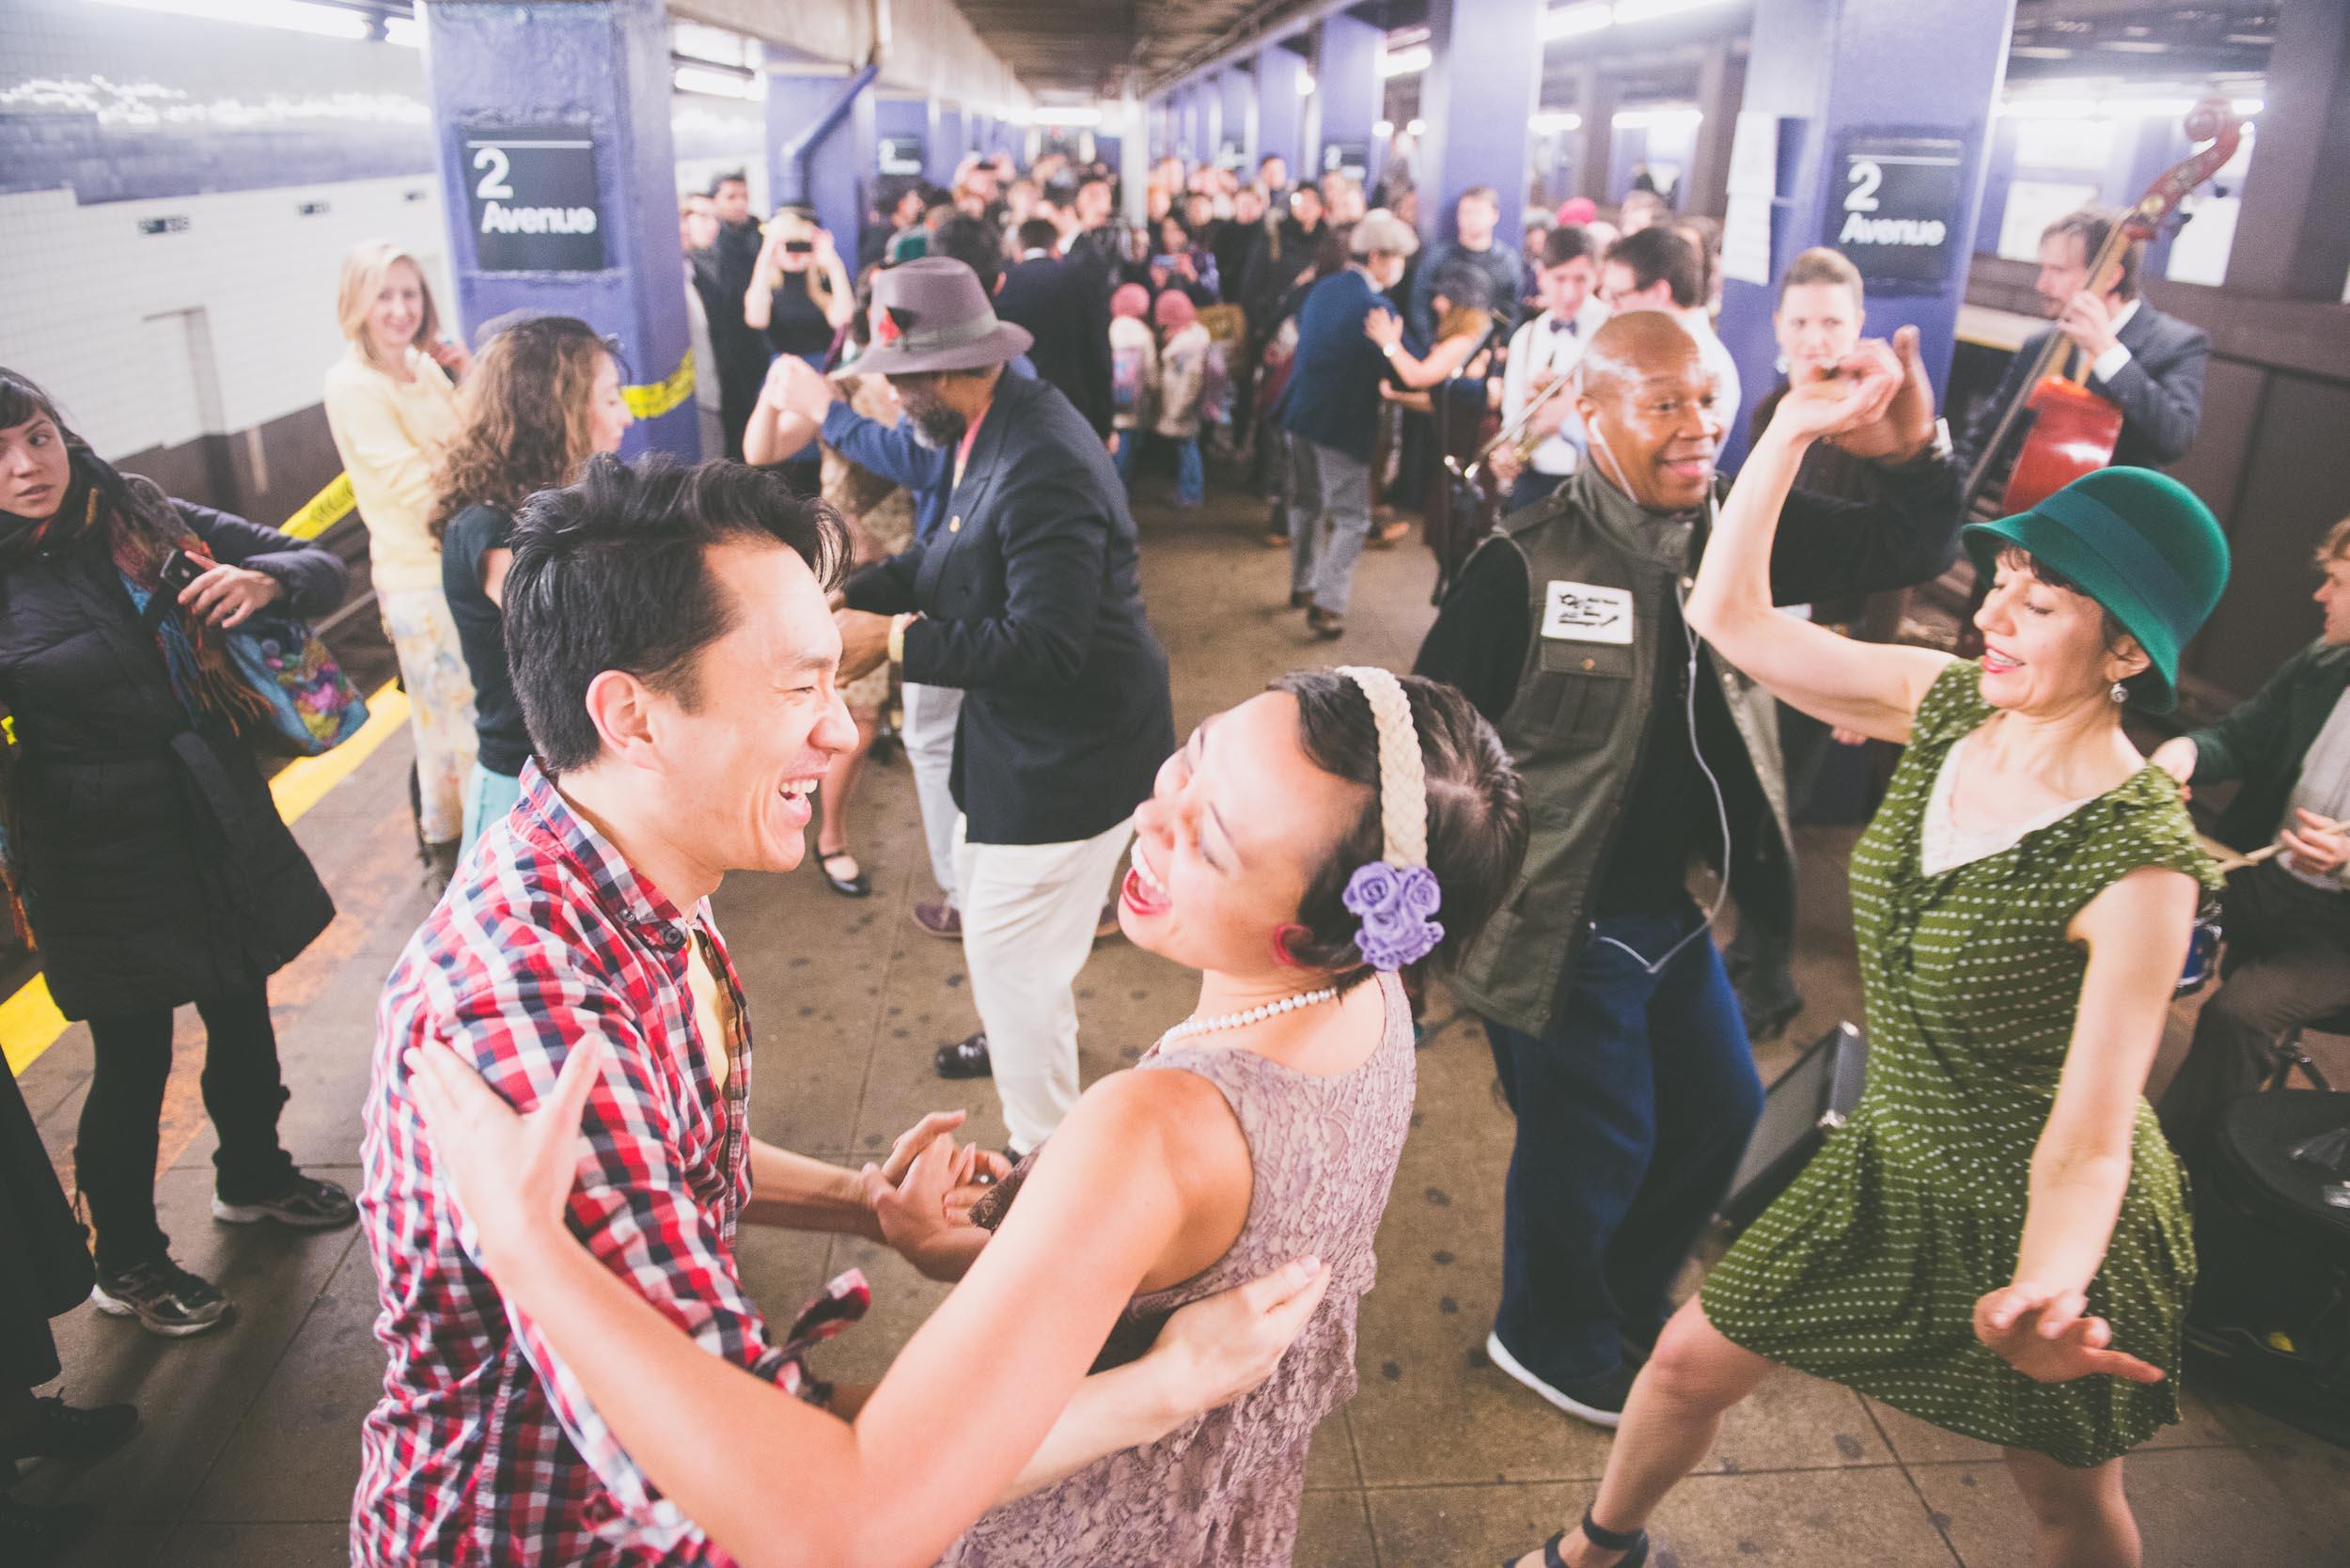 Dancing - Lifestyle - Photo credit Nicola Bailey.jpg